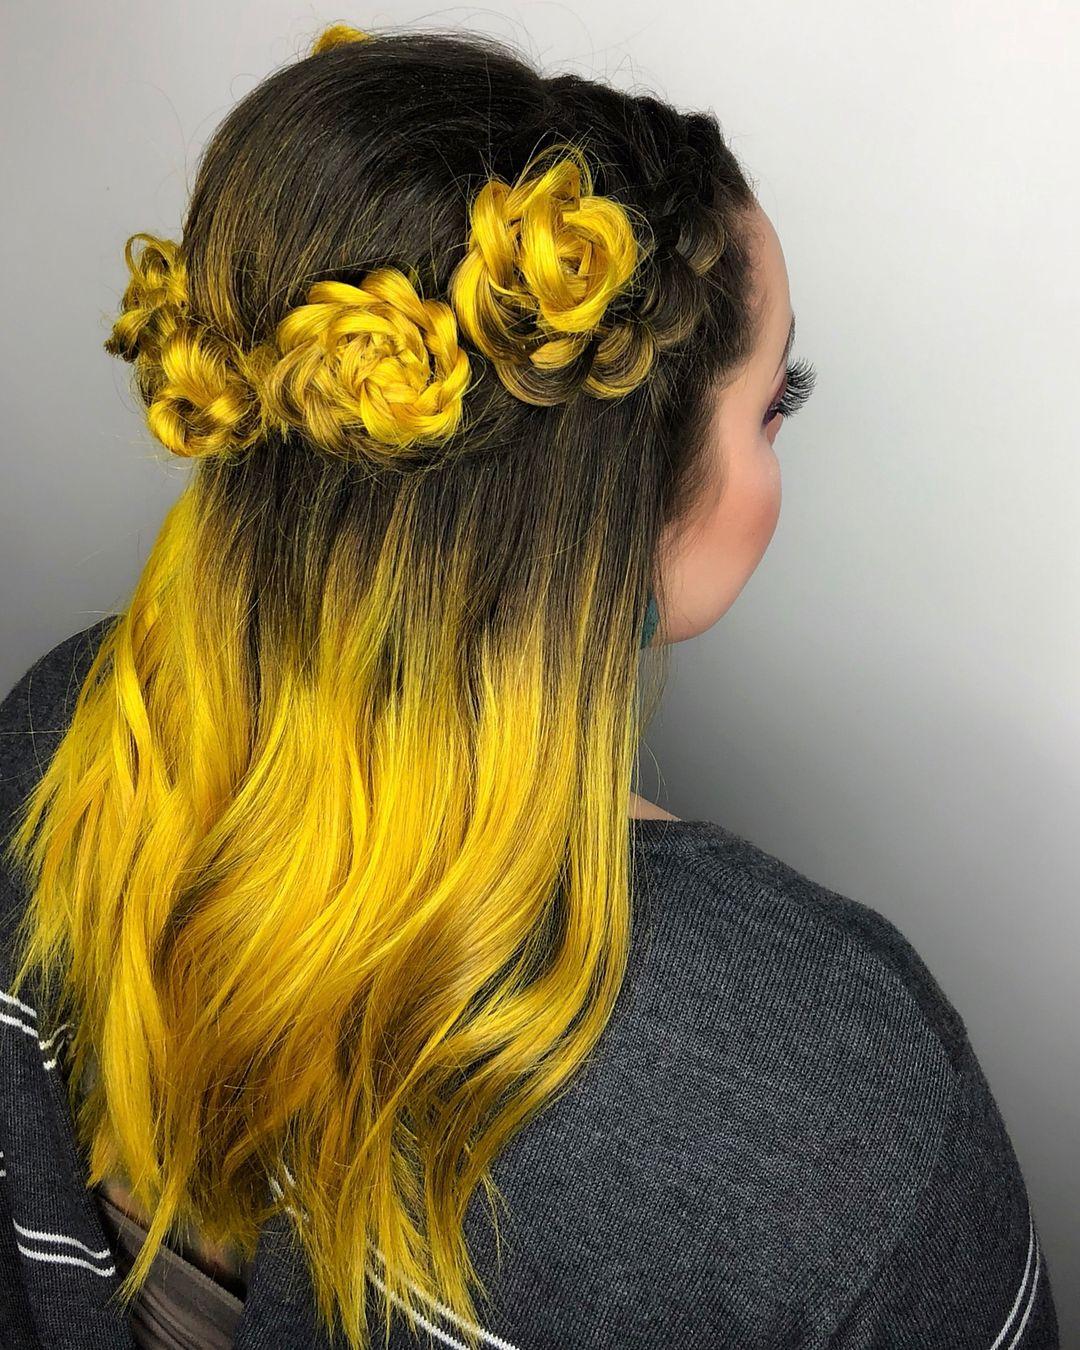 Hair by Christina @christinavita.hair ・・・ Yellow balayage